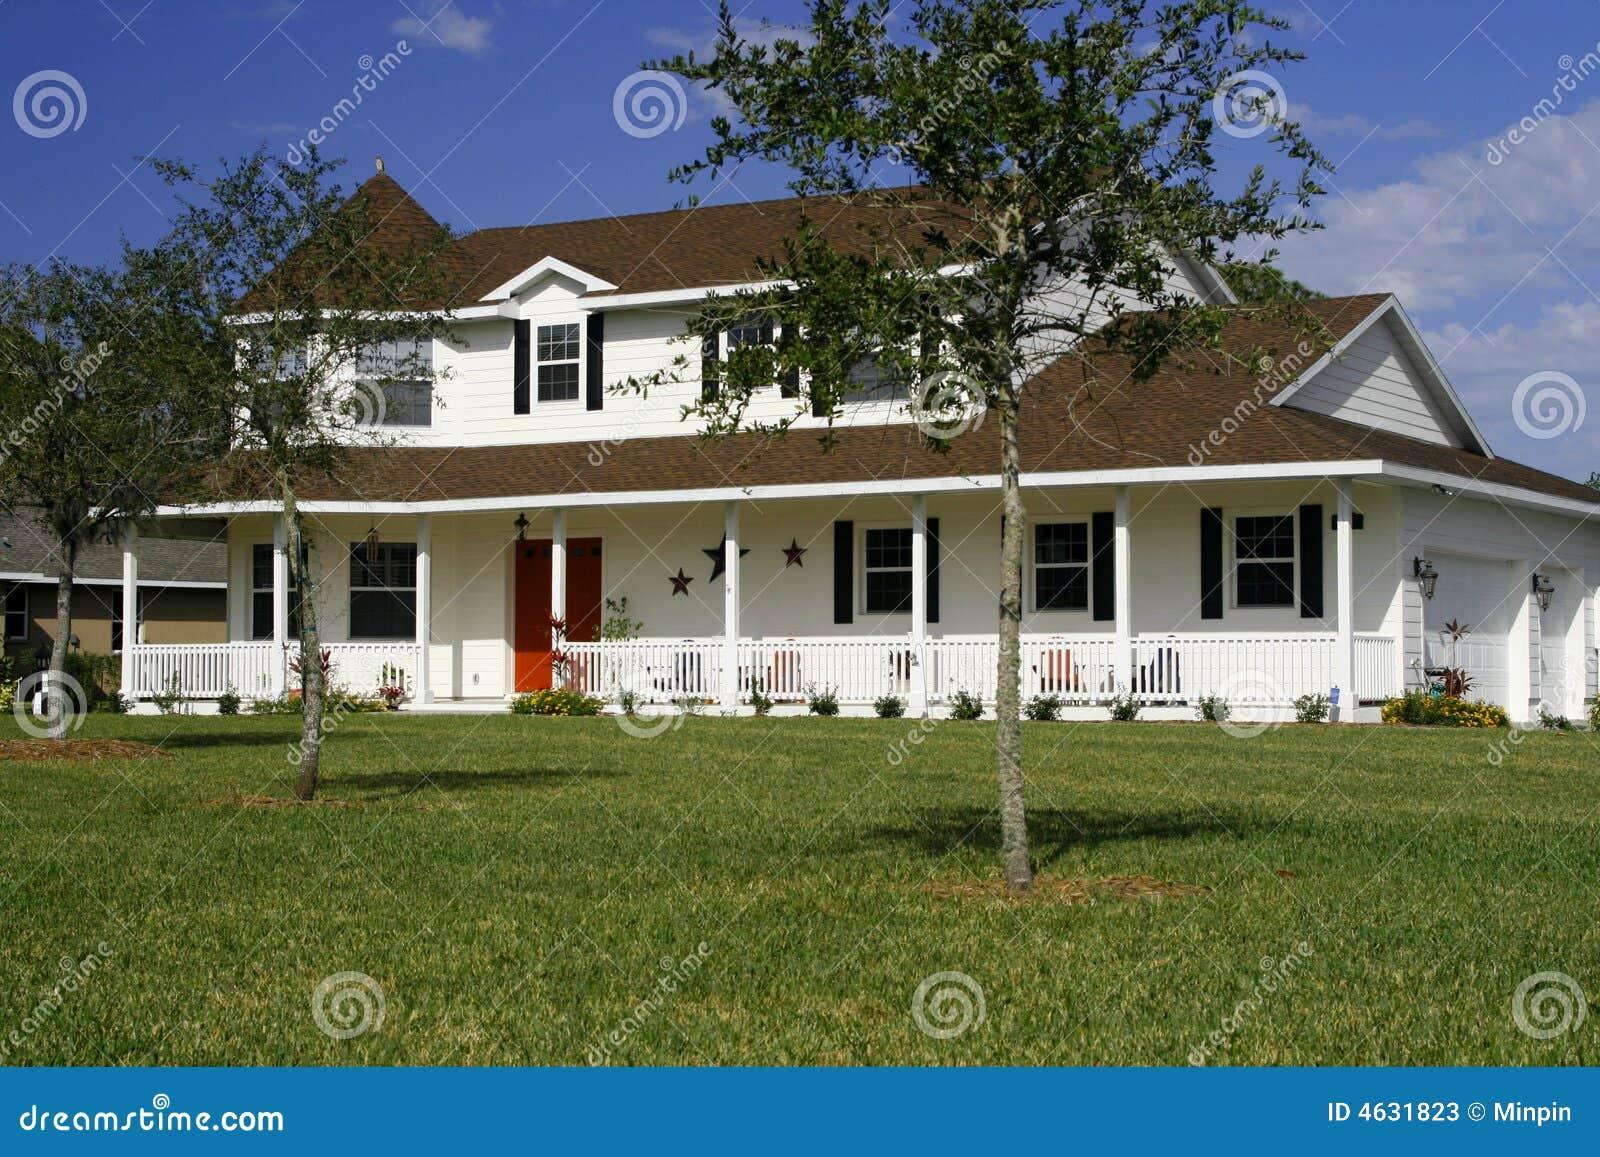 neues im amerikanischen stil haus stockfotos bild 4631823. Black Bedroom Furniture Sets. Home Design Ideas